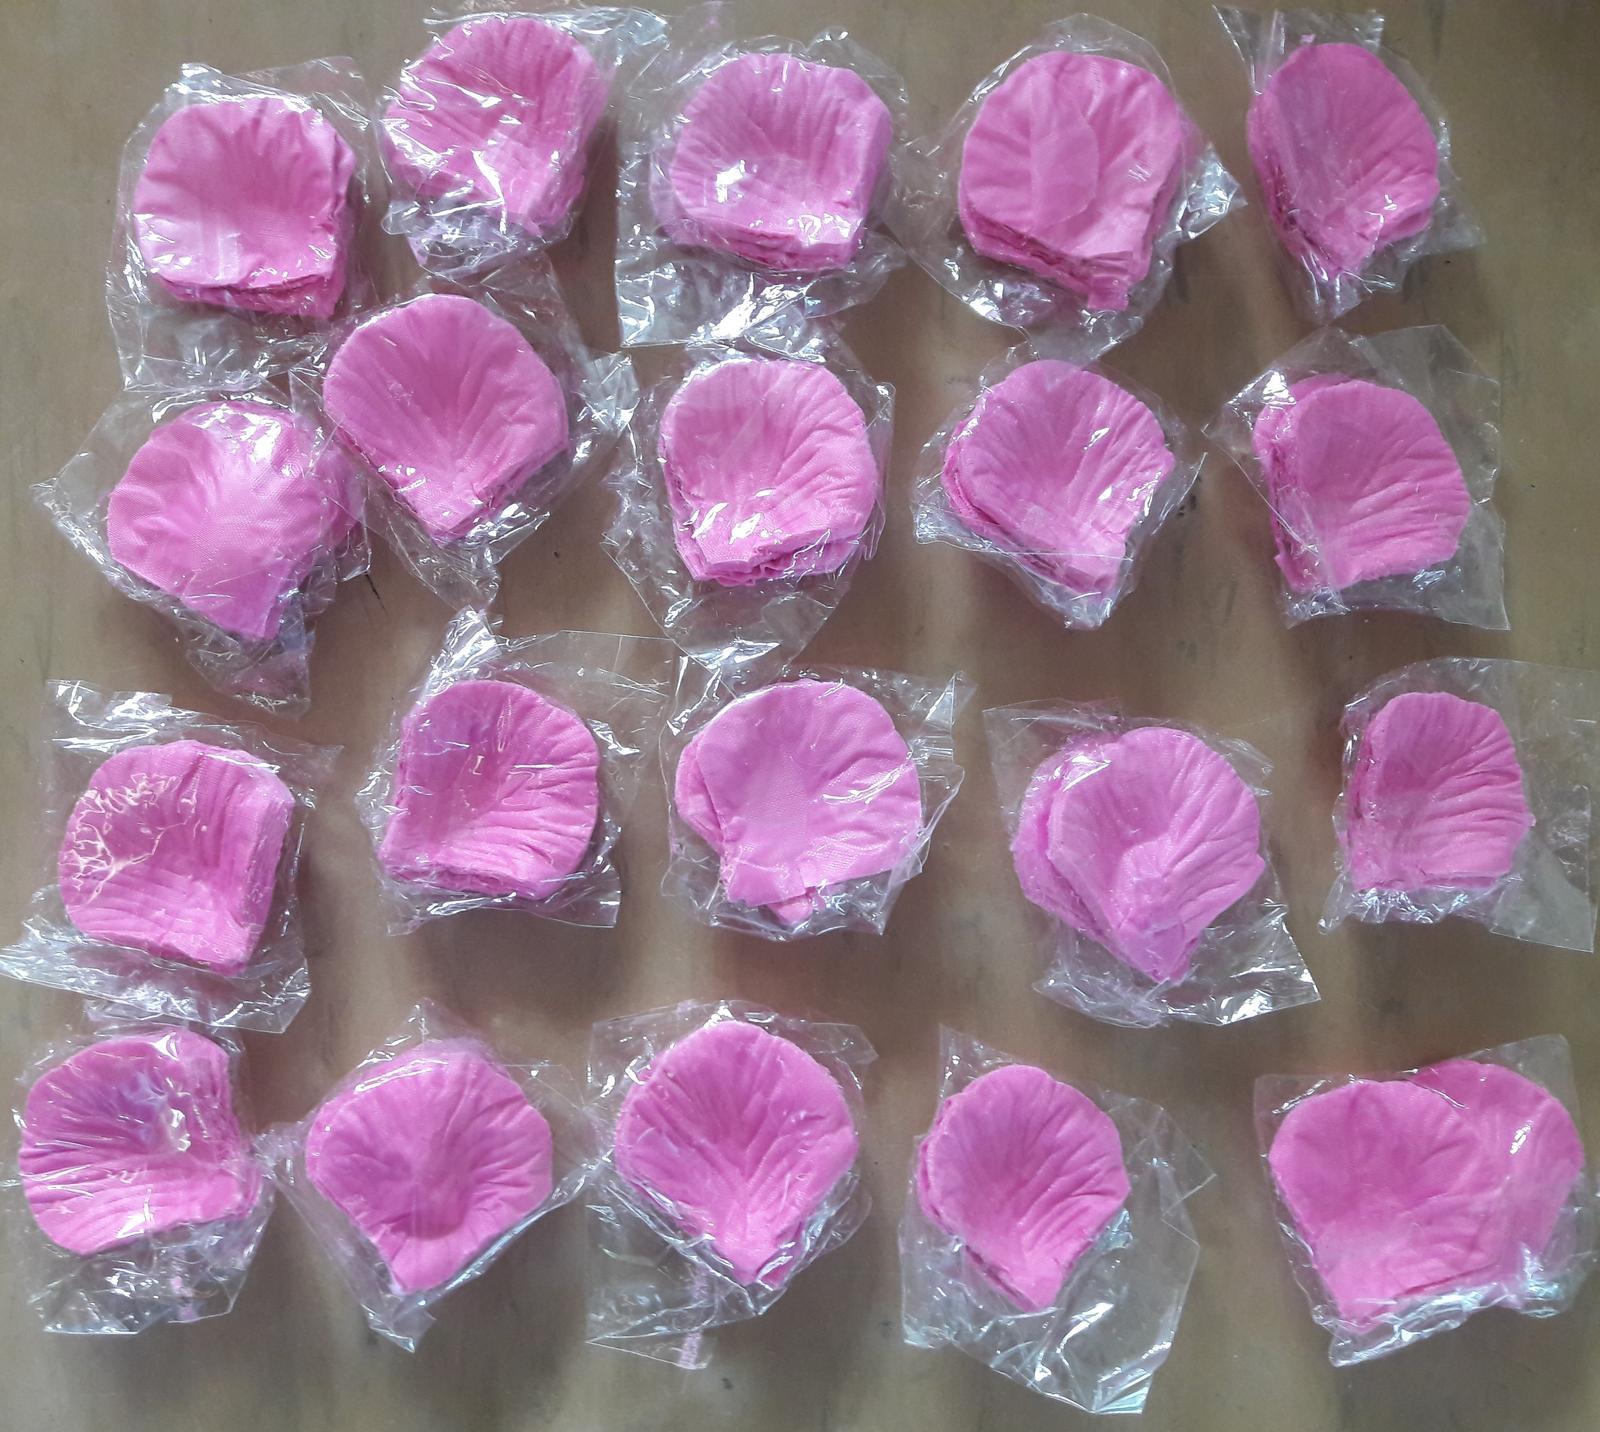 Svadobné lupienky svetlo ružové - Obrázok č. 1